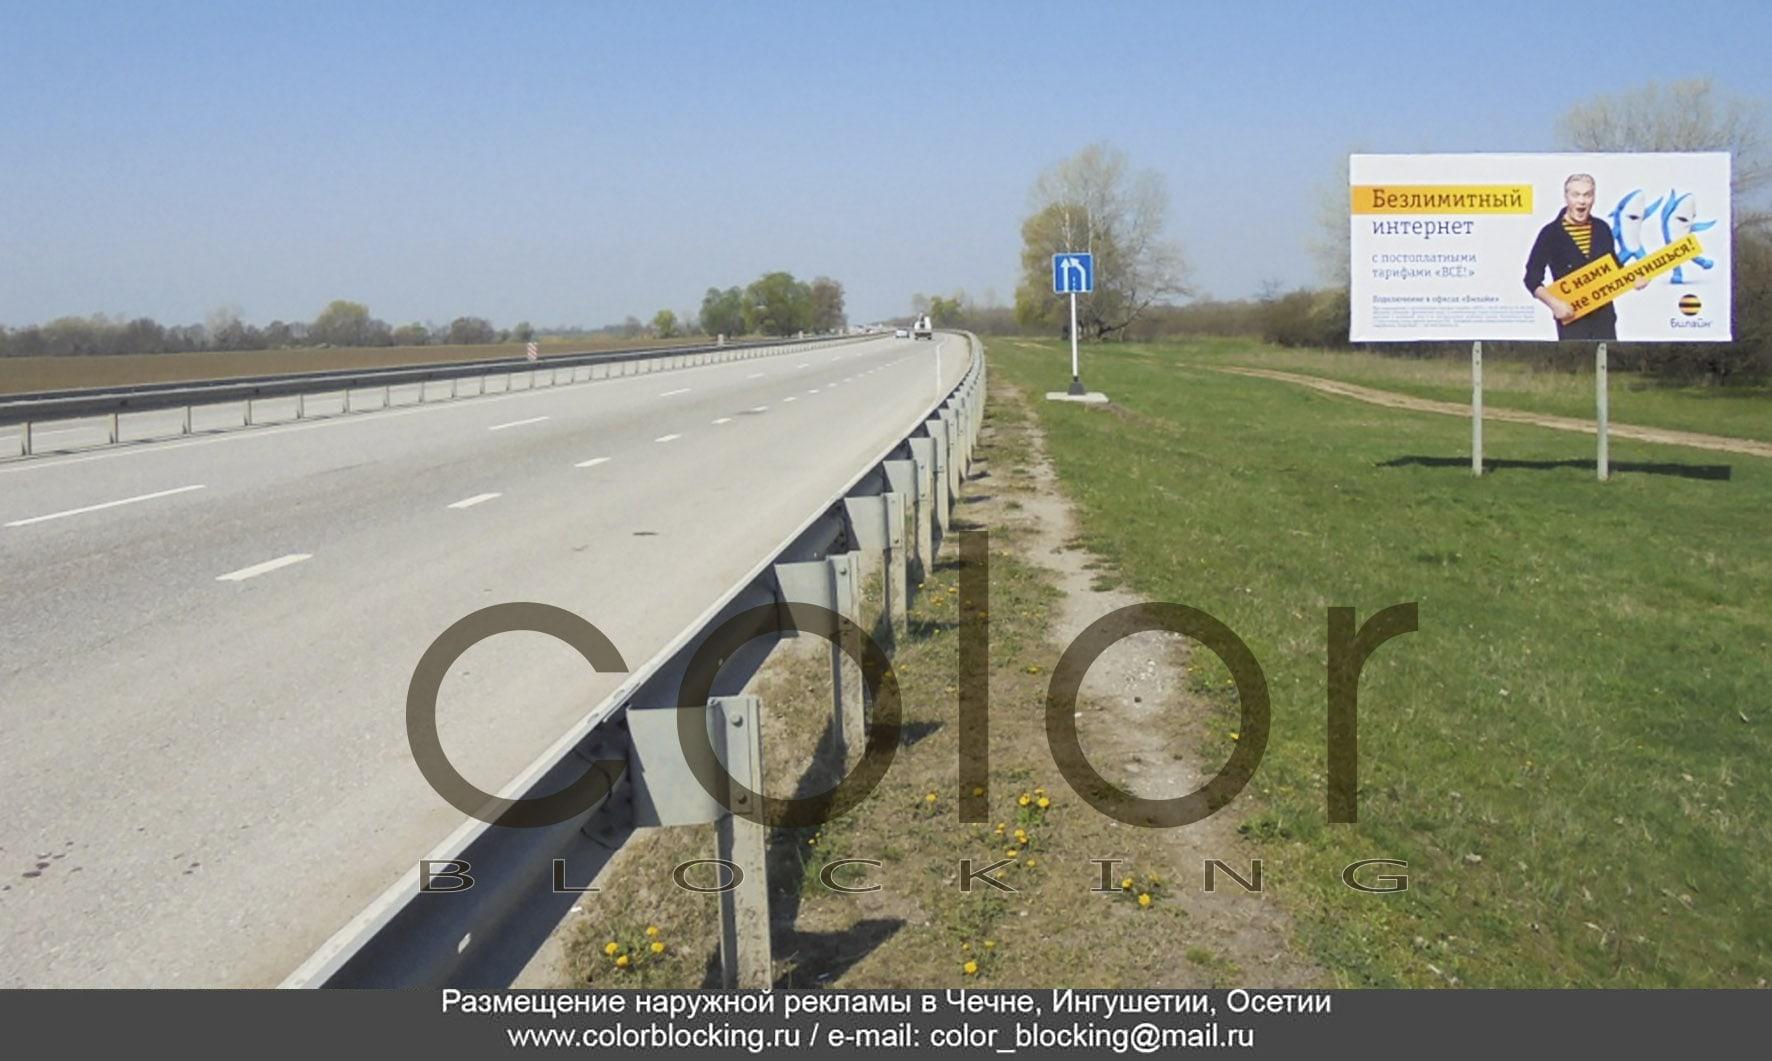 Наружная реклама в населенных пунктах Чечни Ачхой-Мартан